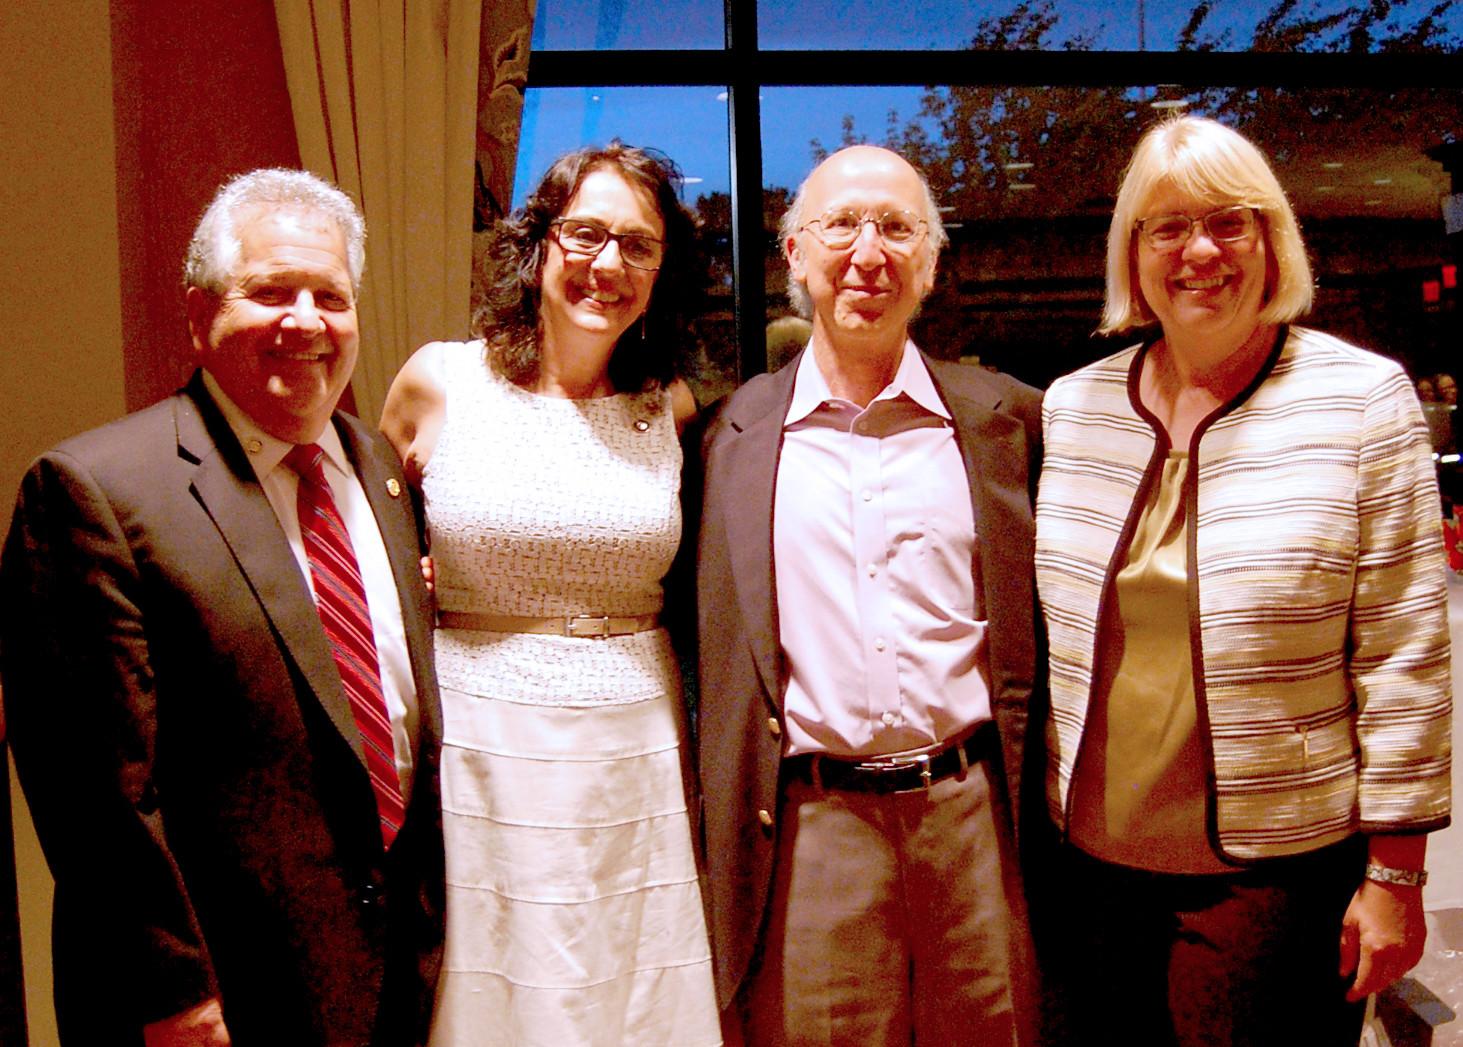 (above l-r) Steve Goldberg (President-Elect 2017 ), Carmela Resnick (President), Don Rosenberg (Treasurer), Kim Decker (Secretary).